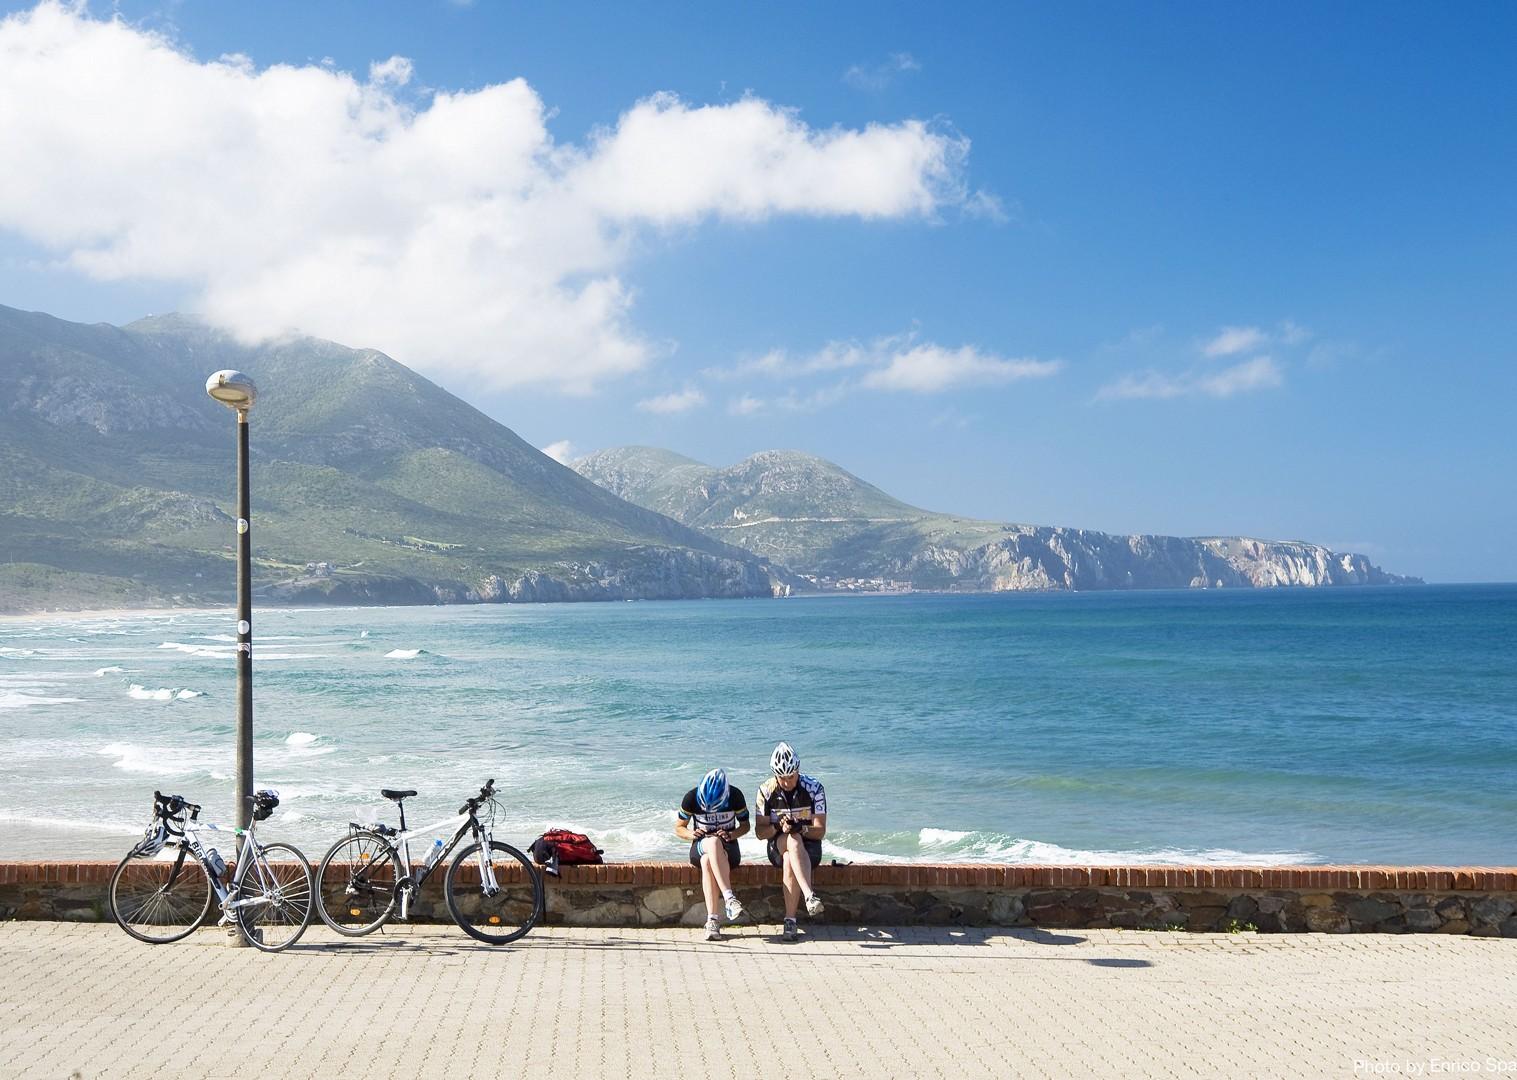 Road-Cycling-Holiday-Coastal-Explorer-Sardinia-Italy-descent-to-Fluminimaggiore-and-Masua.jpg - Italy - Sardinia - Coastal Explorer - Road Cycling